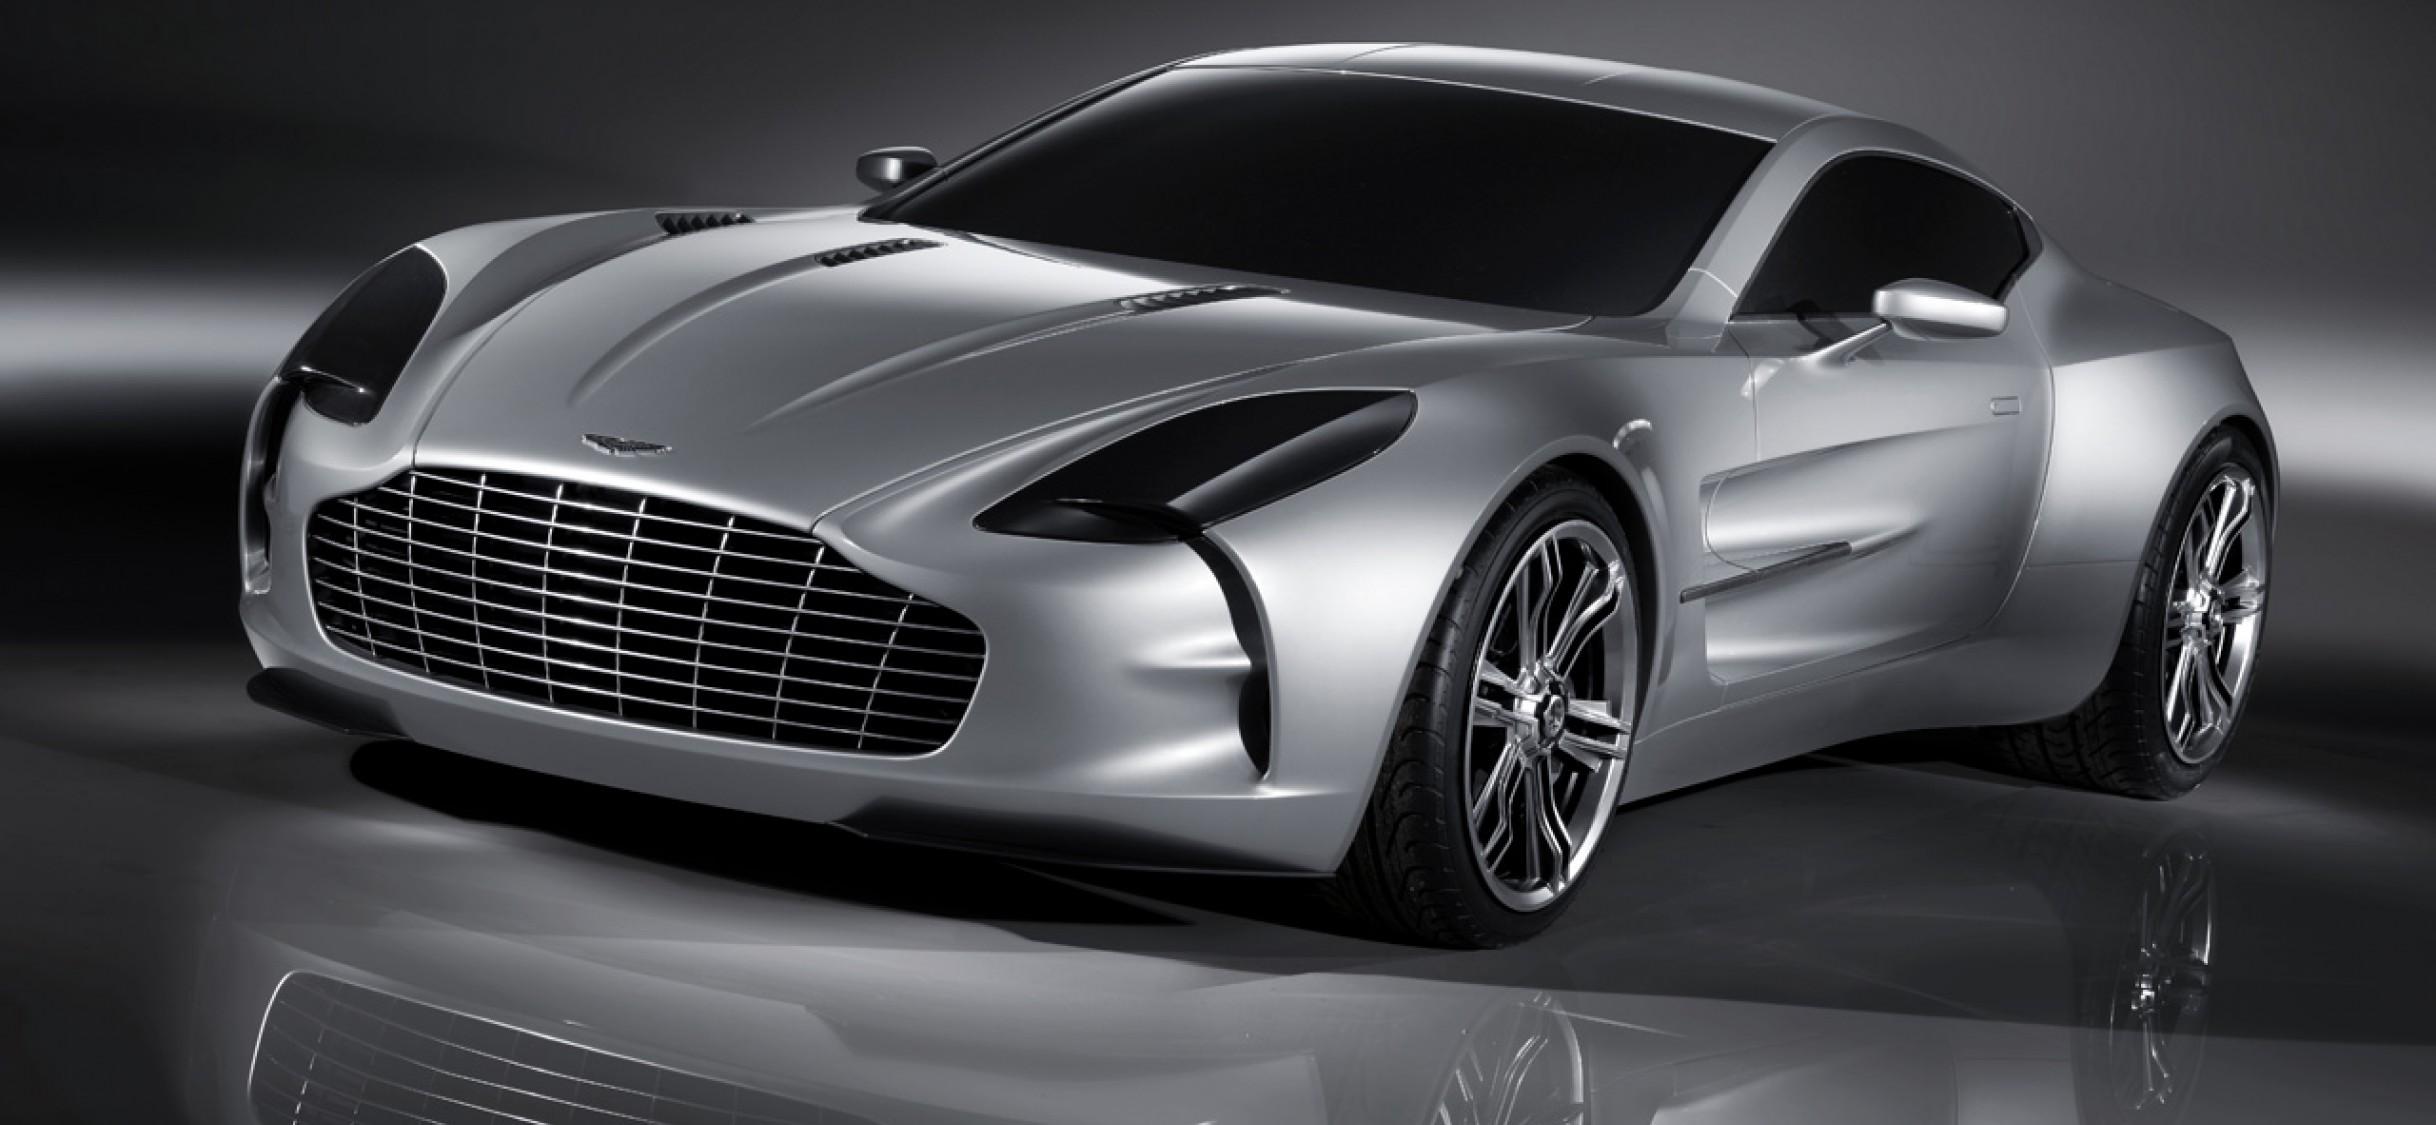 Aston Martin One 77 Hd Wallpaper Iphone X Hd Wallpaper Wallpapers Net